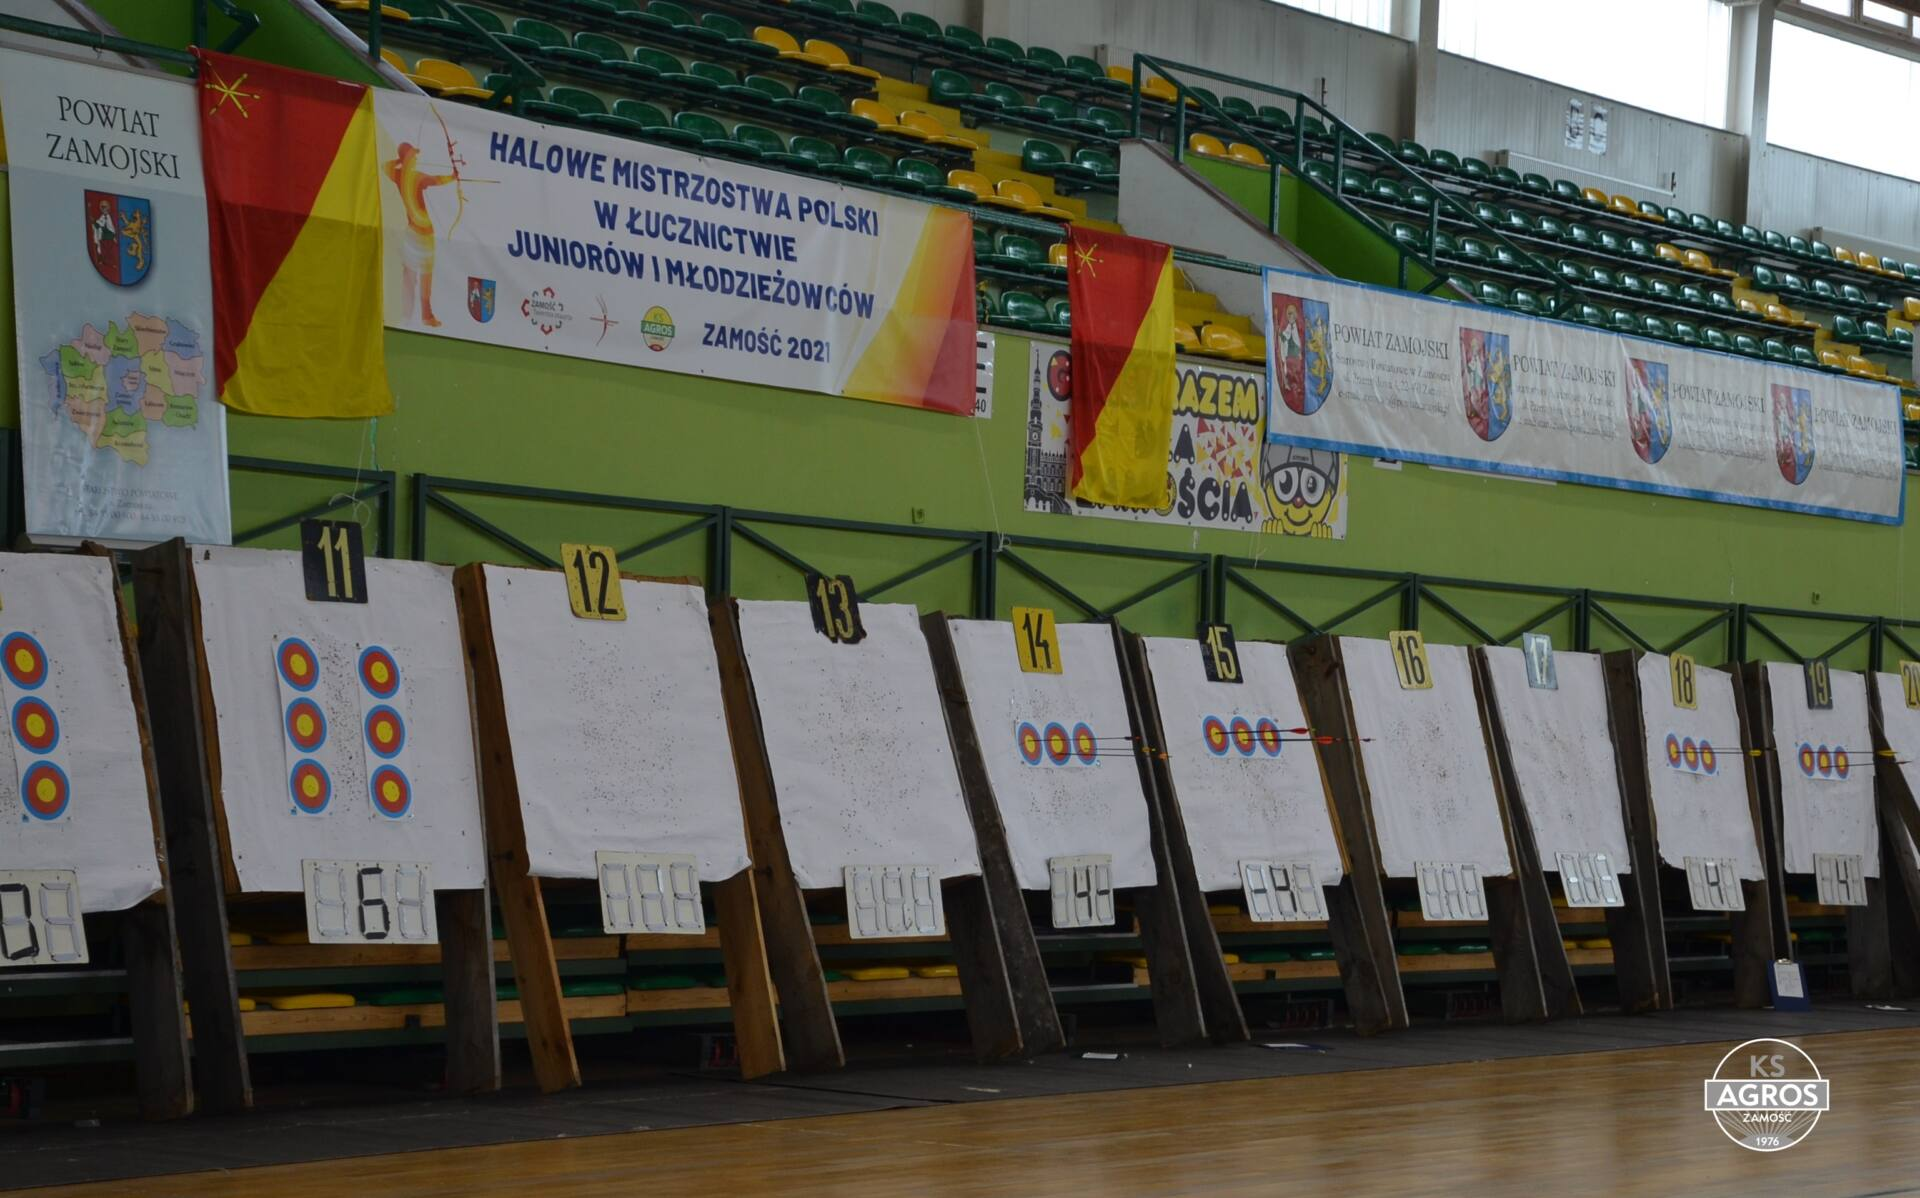 dsc 0097 Zamość był gospodarzem Halowych Mistrzostw Polski w Łucznictwie